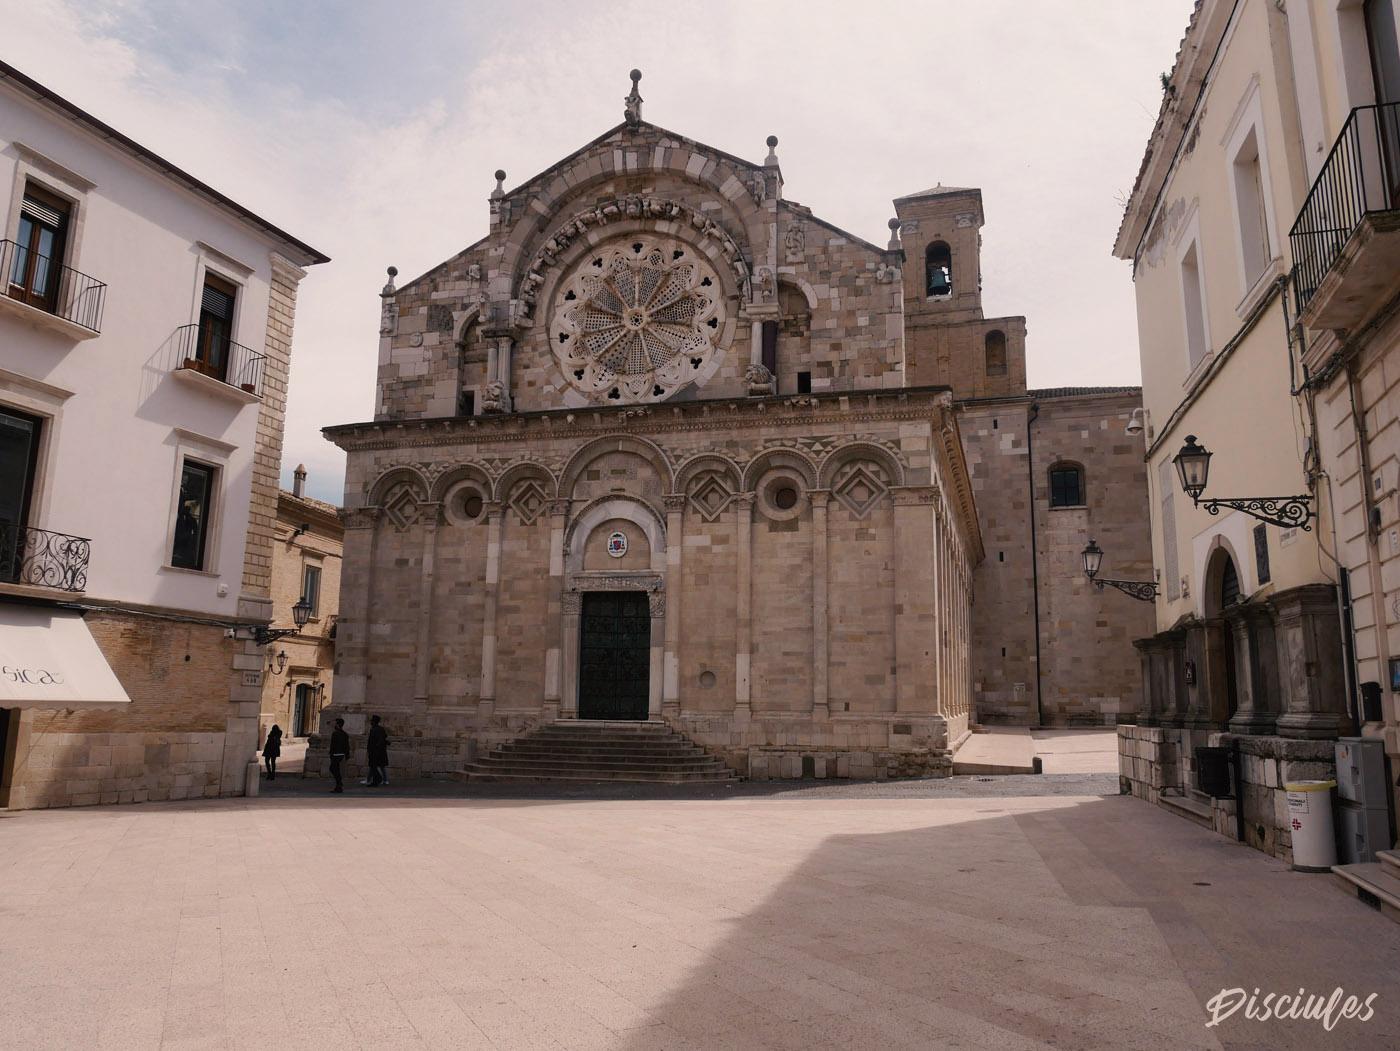 Cattedrale di Troia in Puglia